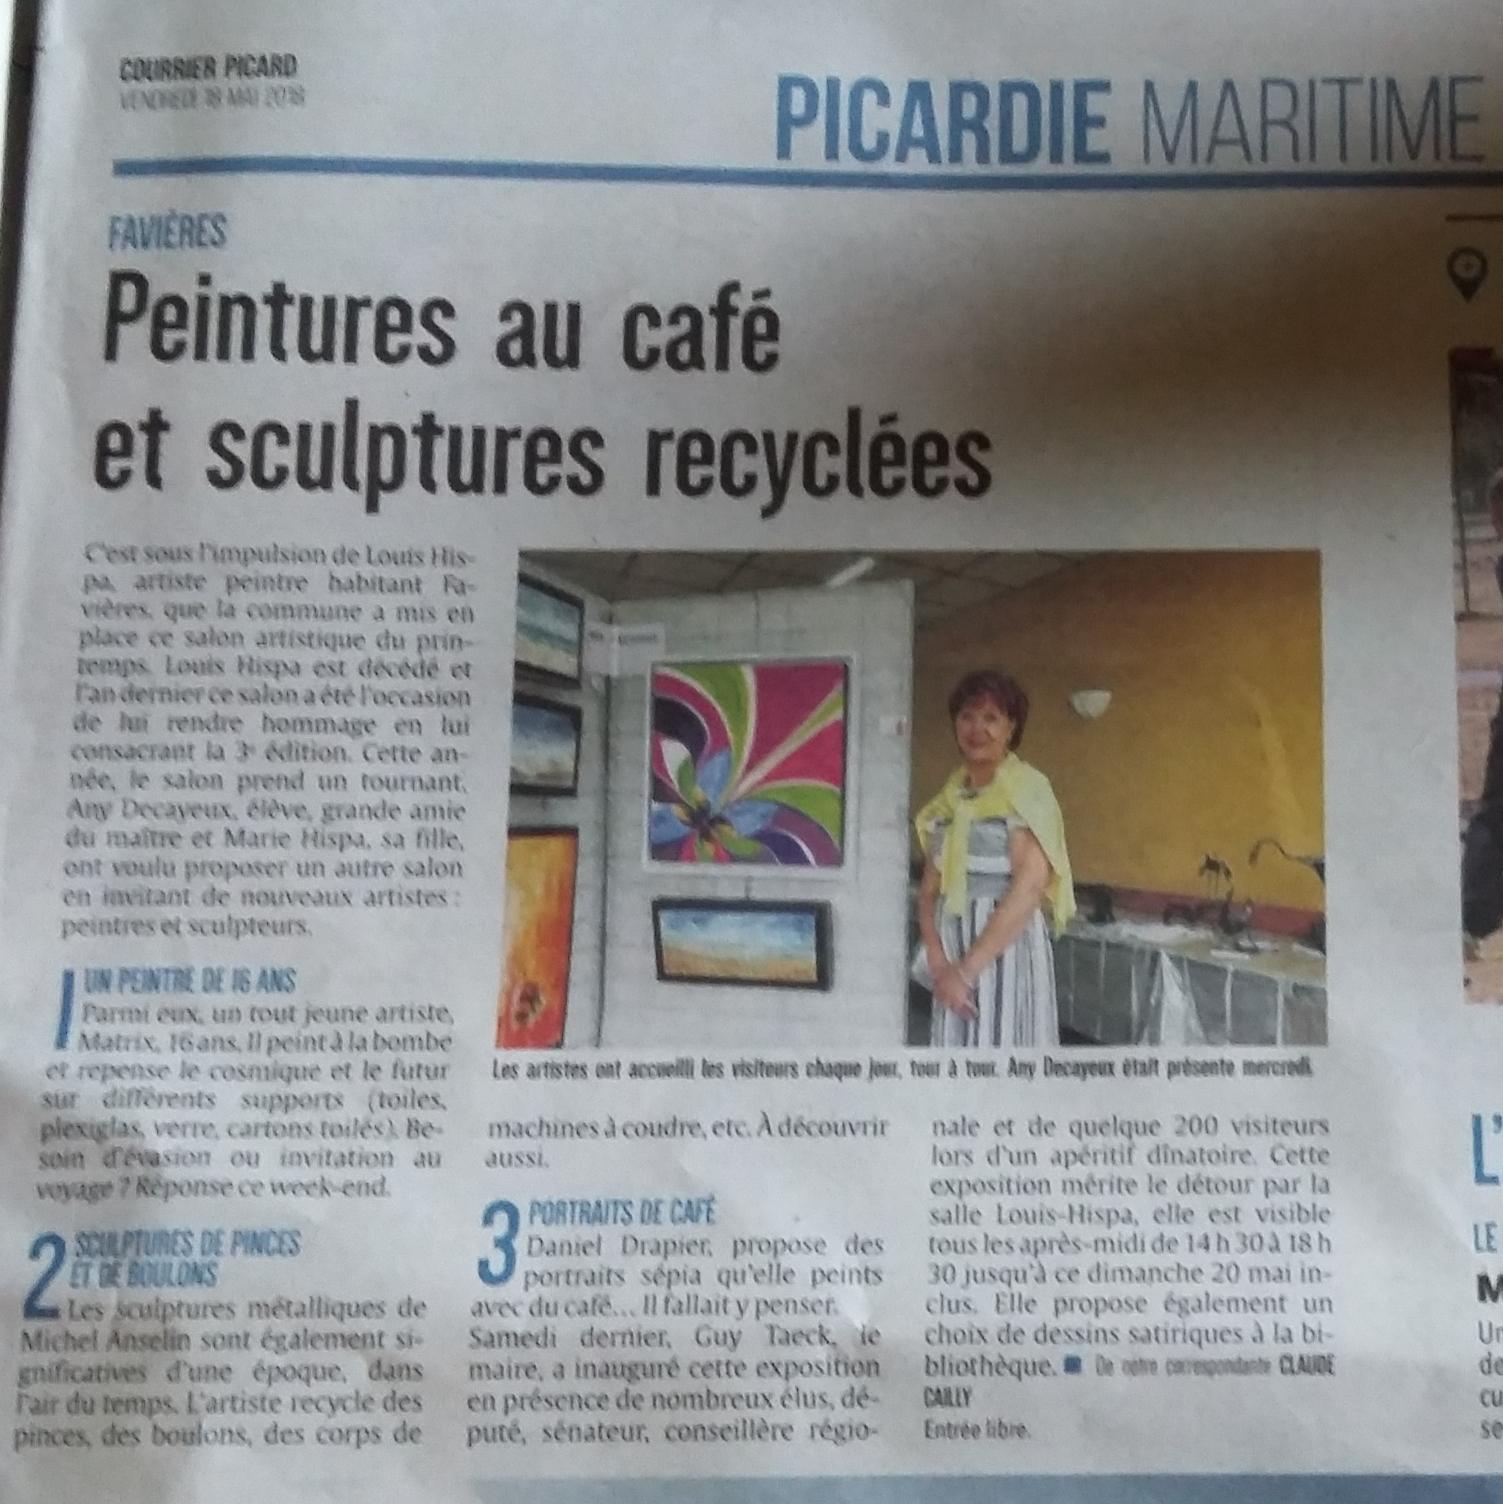 Danièle Drapier Artiste Peintre presse exposition peintures au café